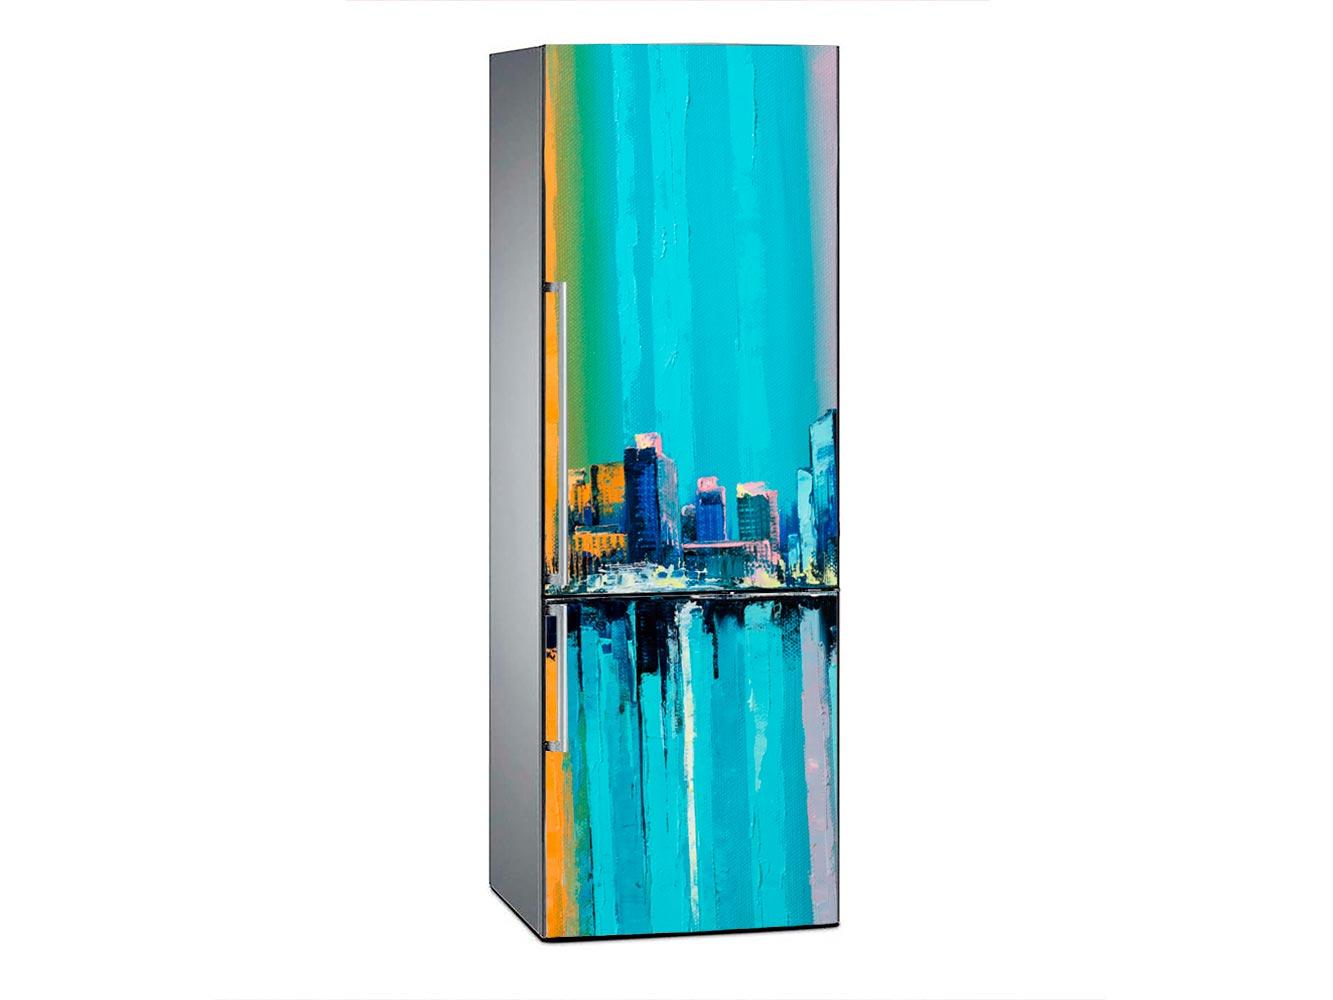 Vinilo Frigorífico Ciudad Vintage Escala Azul | Carteles XXL - Impresión carteleria publicitaria